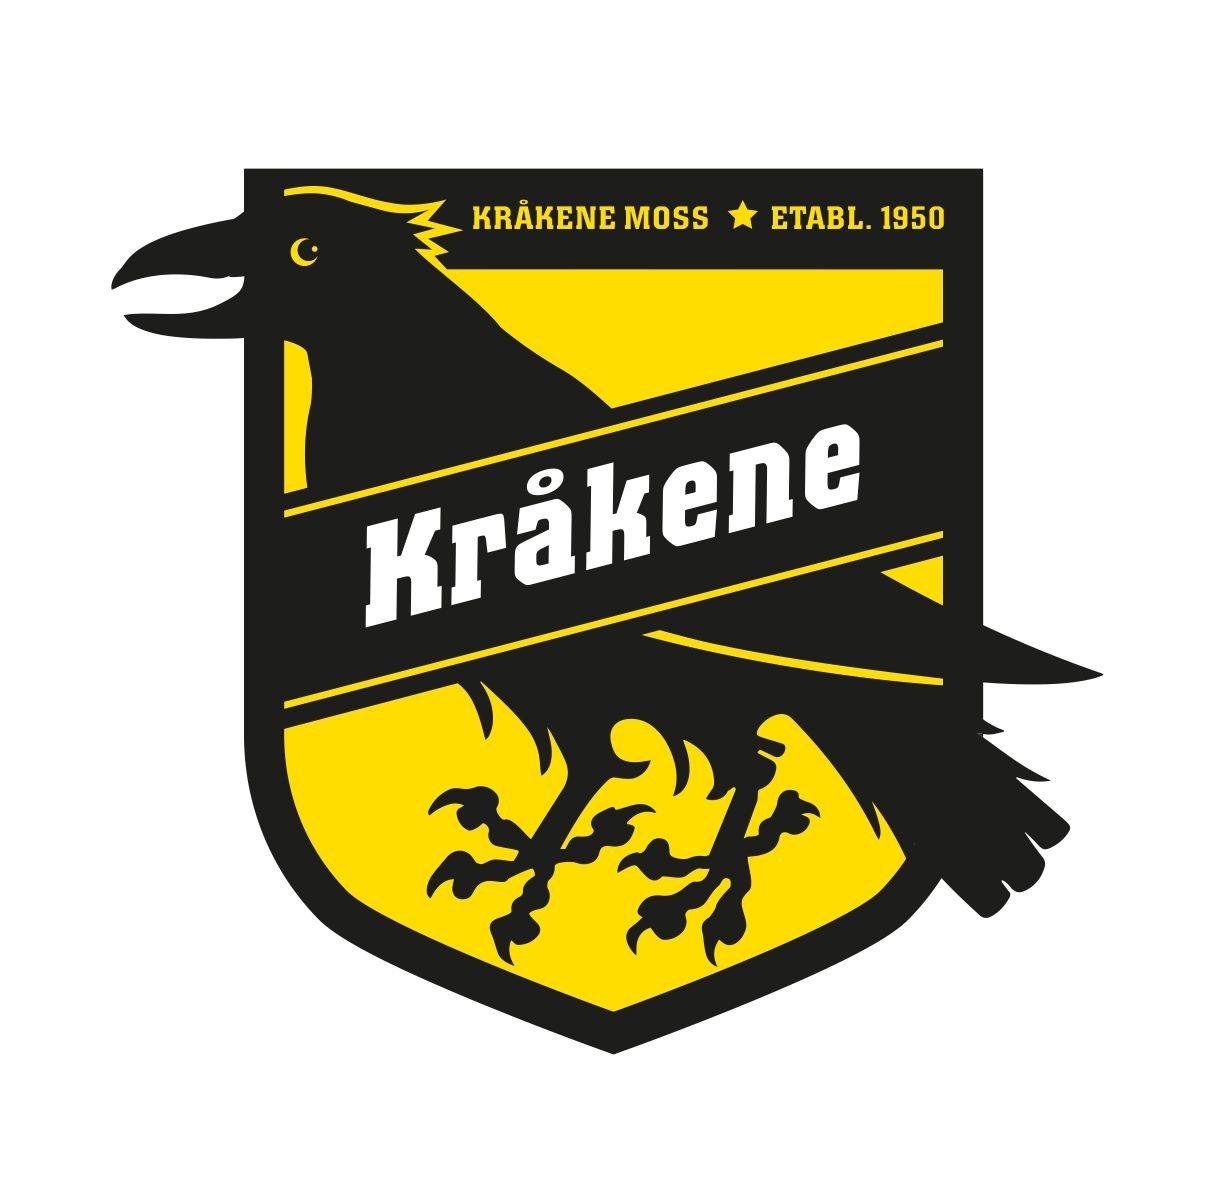 KRÅKENE MOSS - iamhockey